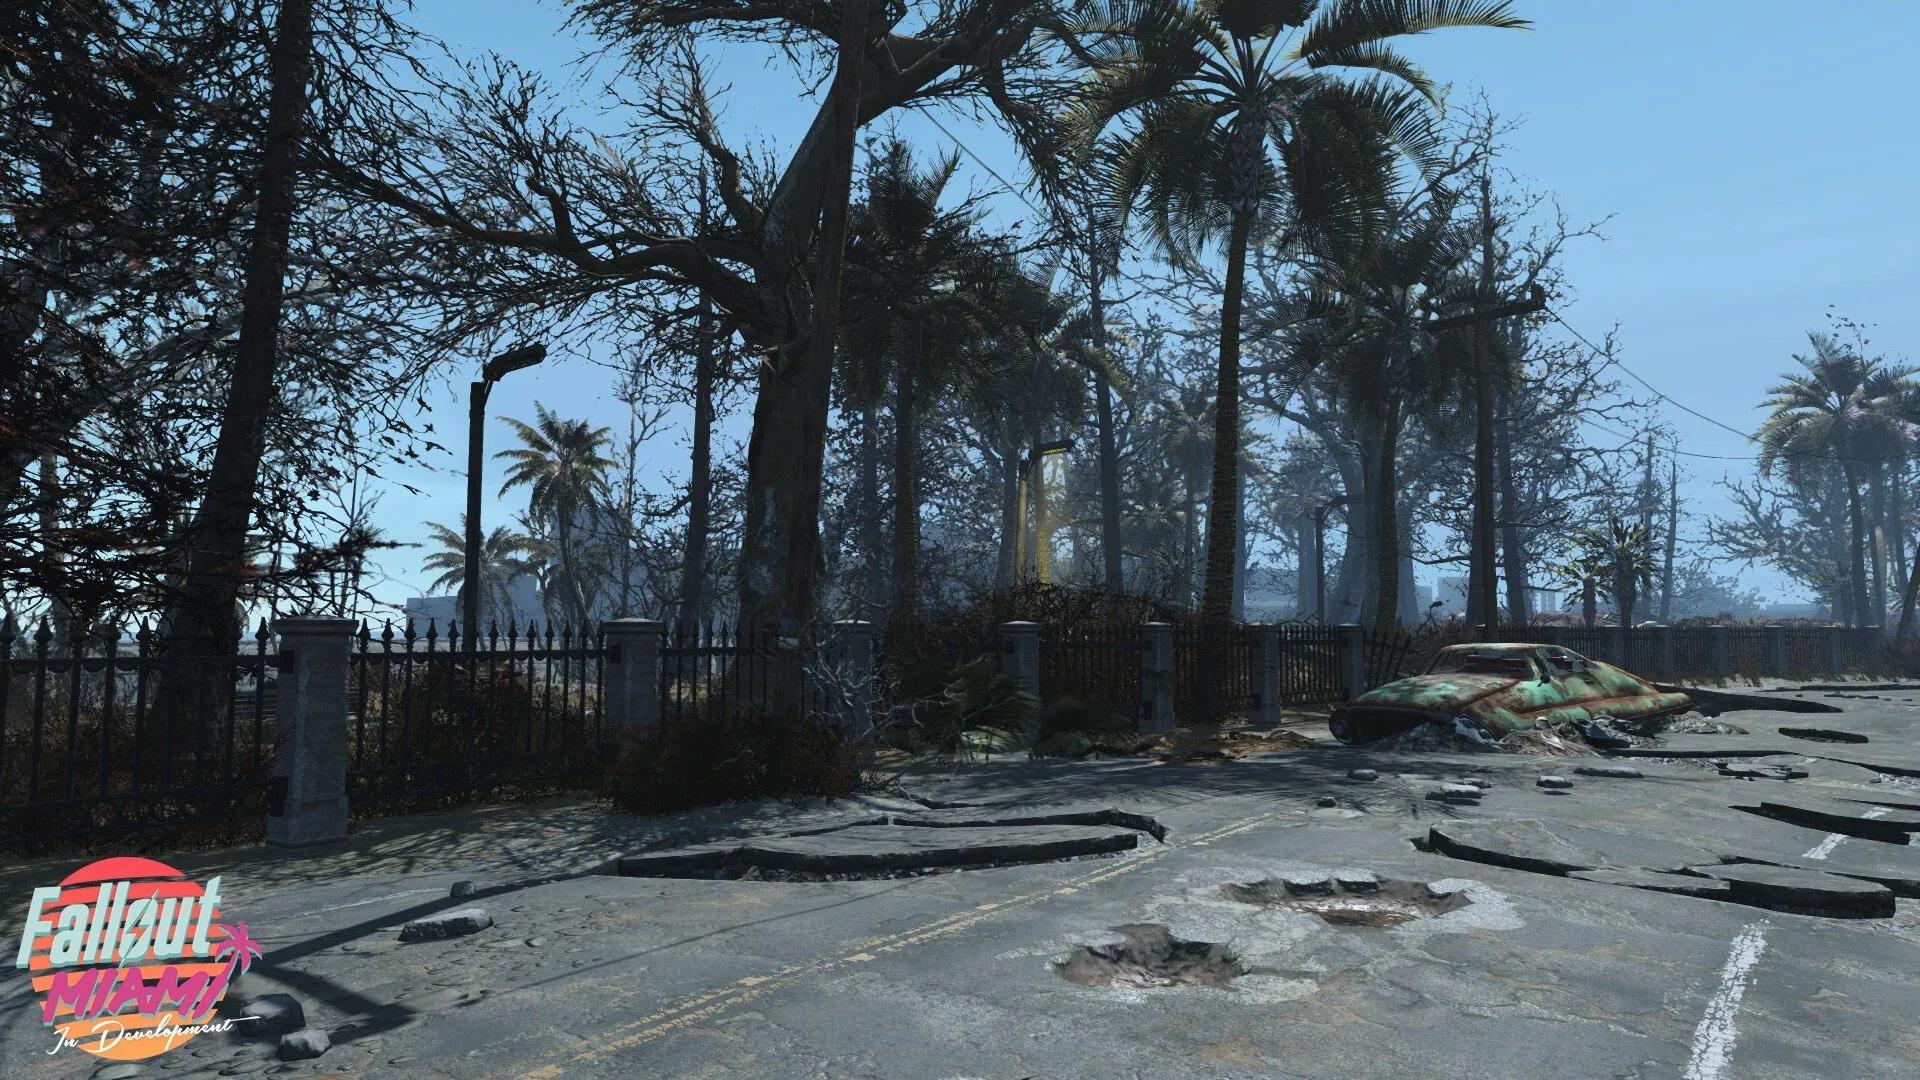 《辐射4》大型MOD迈阿密主线任务已完成制作